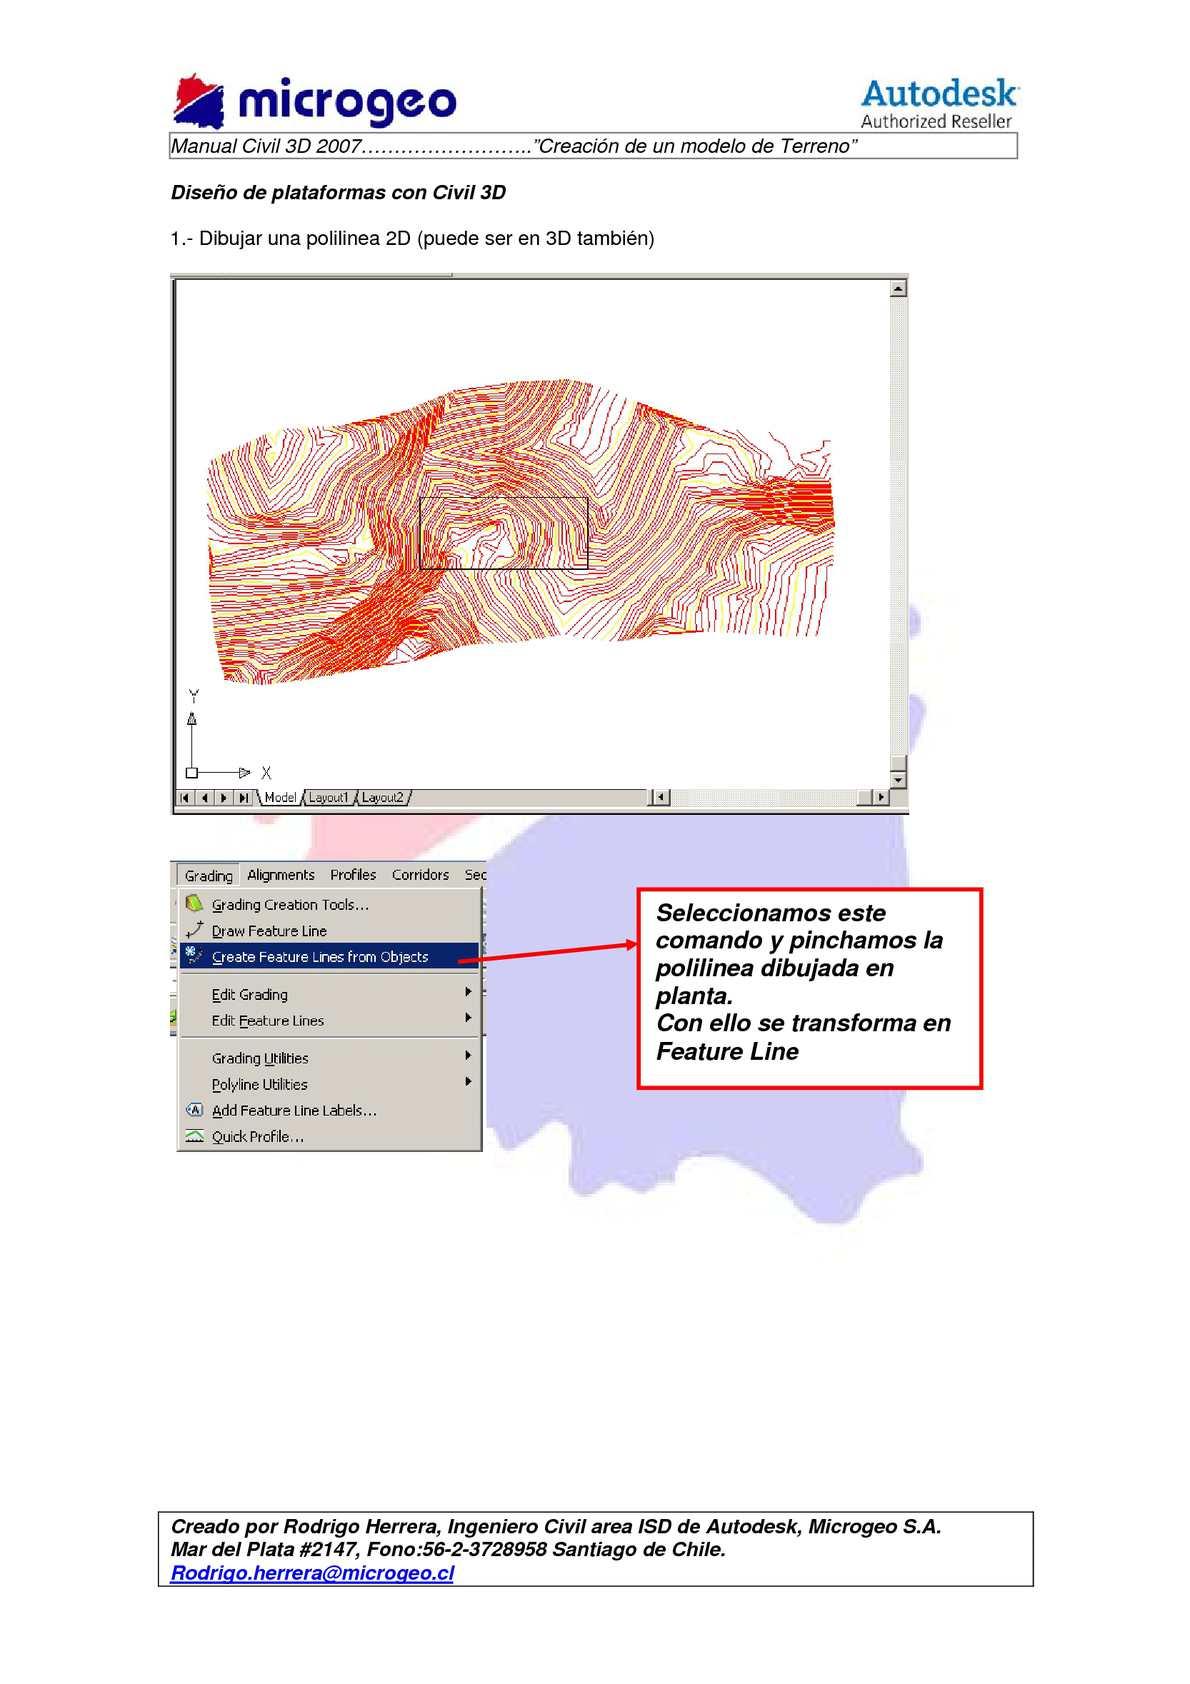 Manual Civil 3D 2007-Microgeo - CALAMEO Downloader